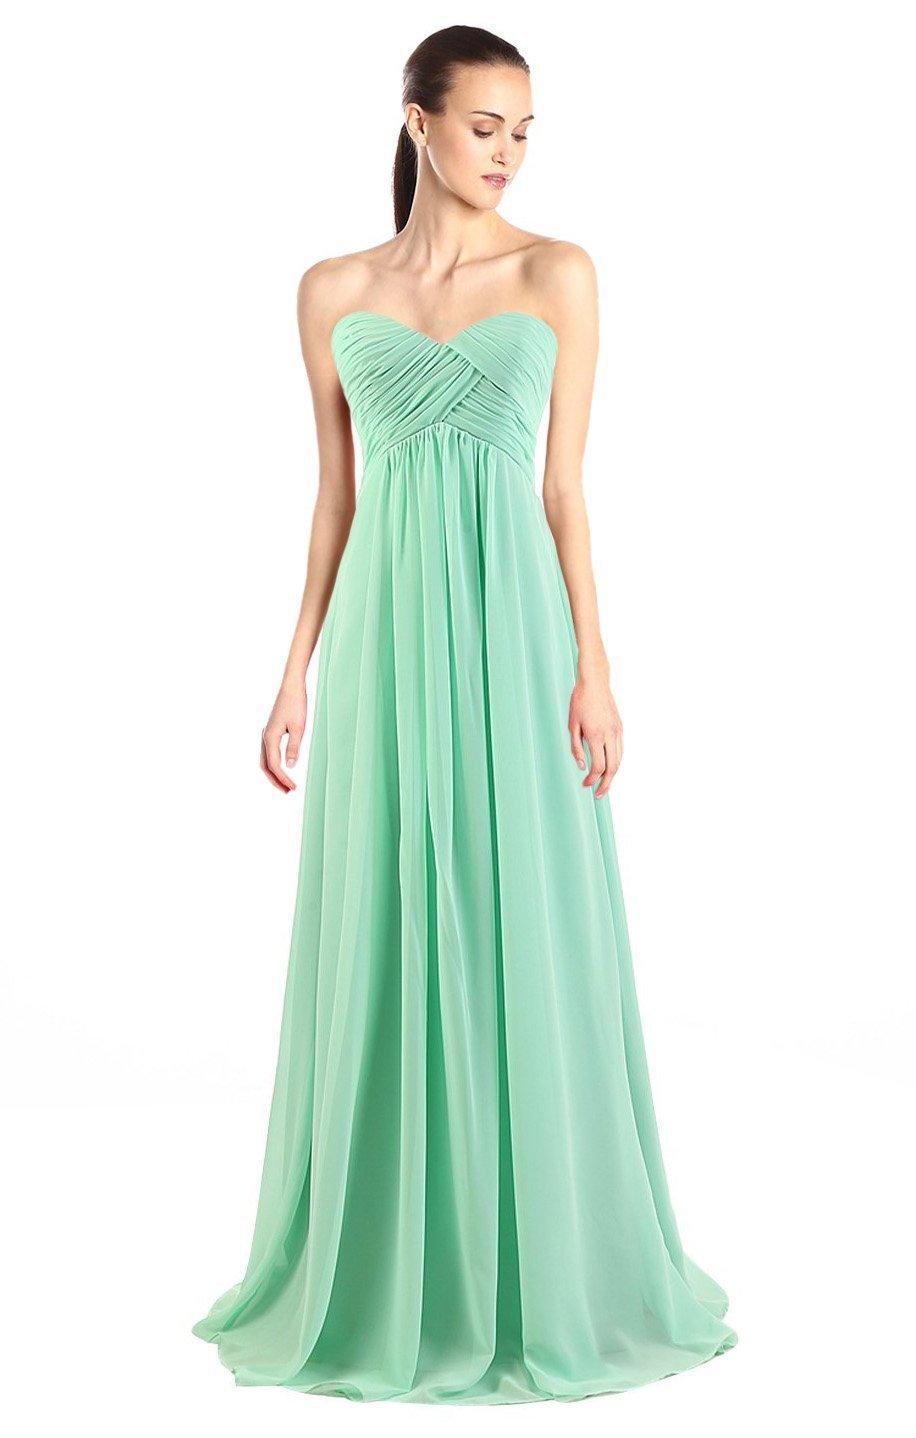 Lovely Prom Dresses Nh Contemporary - Wedding Ideas - memiocall.com